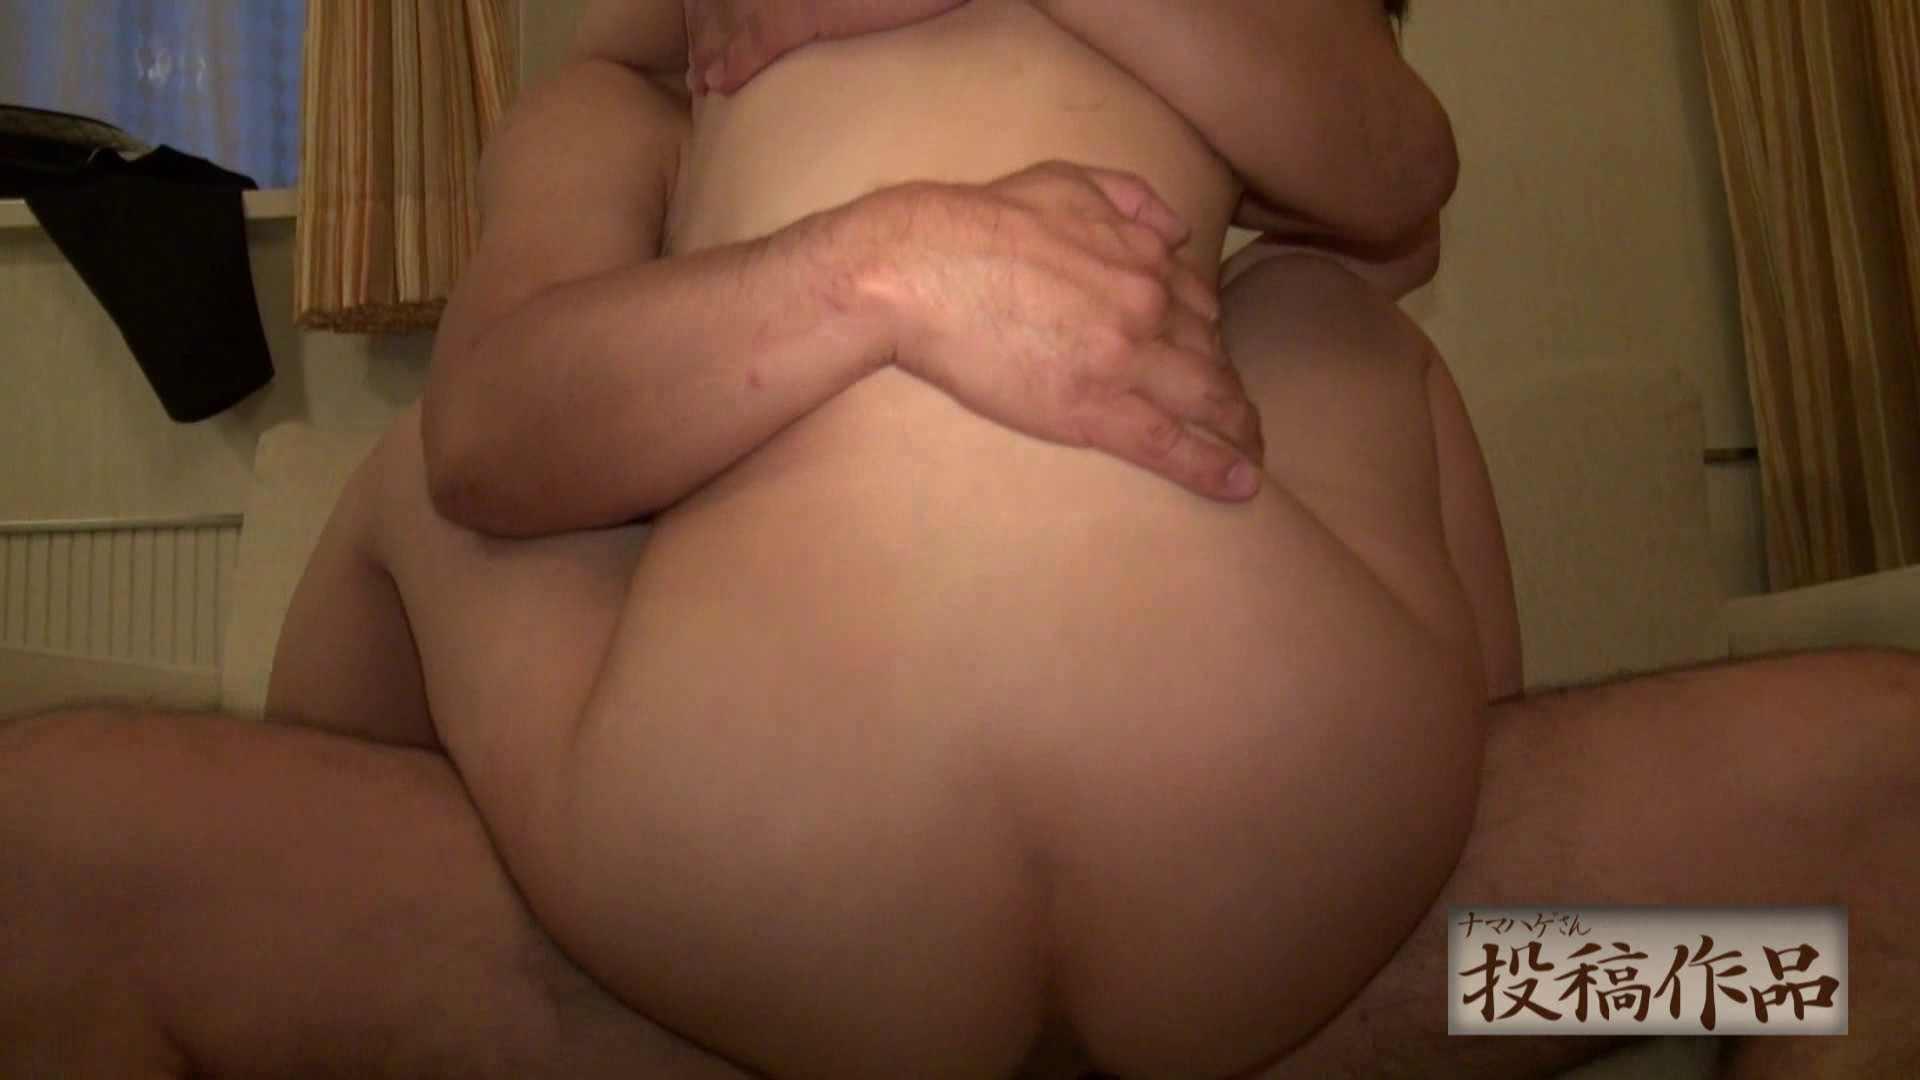 セックス 盗撮:ナマハゲさんのまんこコレクション第二章 ナマハゲjun02:大奥